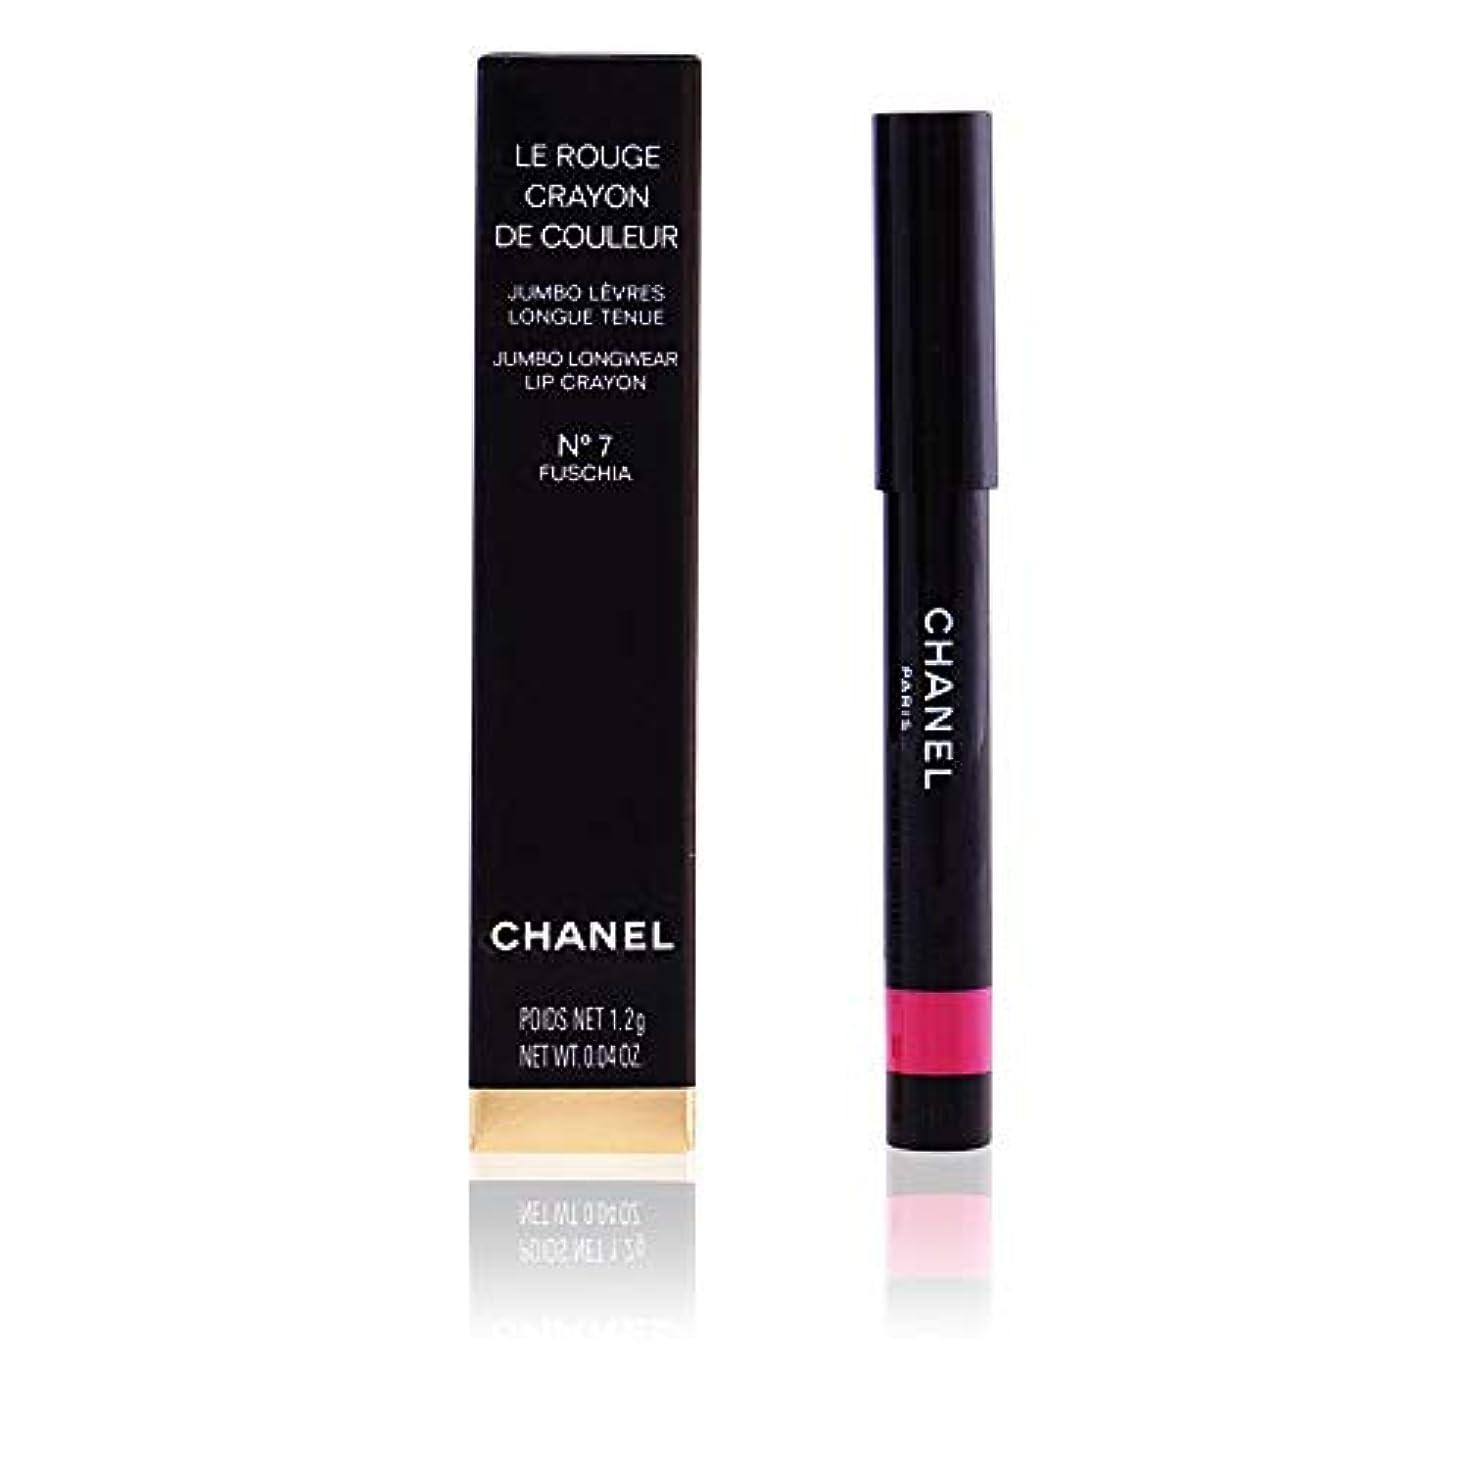 蒸発サバント市区町村シャネル Le Rouge Crayon De Couleur Jumbo Longwear Lip Crayon - # 2 Rose Violine 1.2g/0.04oz並行輸入品